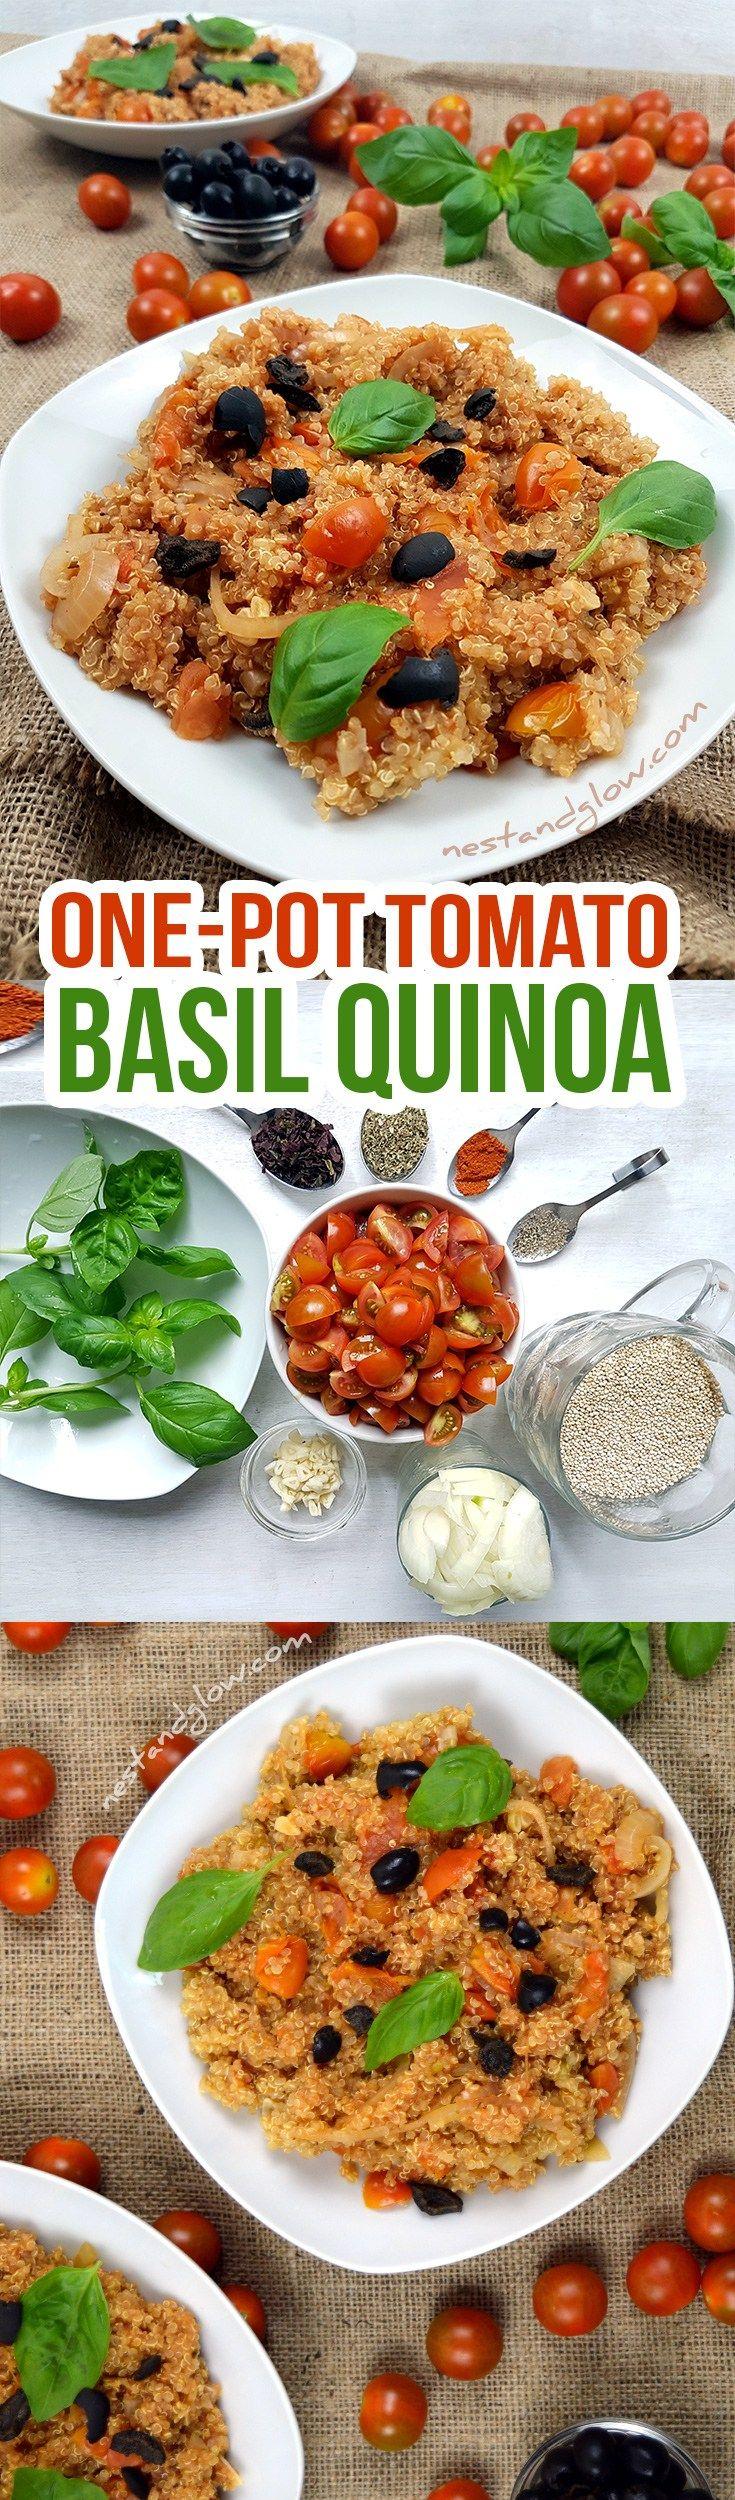 One-pot Tomato BasilQuinoa Recipe - gluten, grain and dairy free